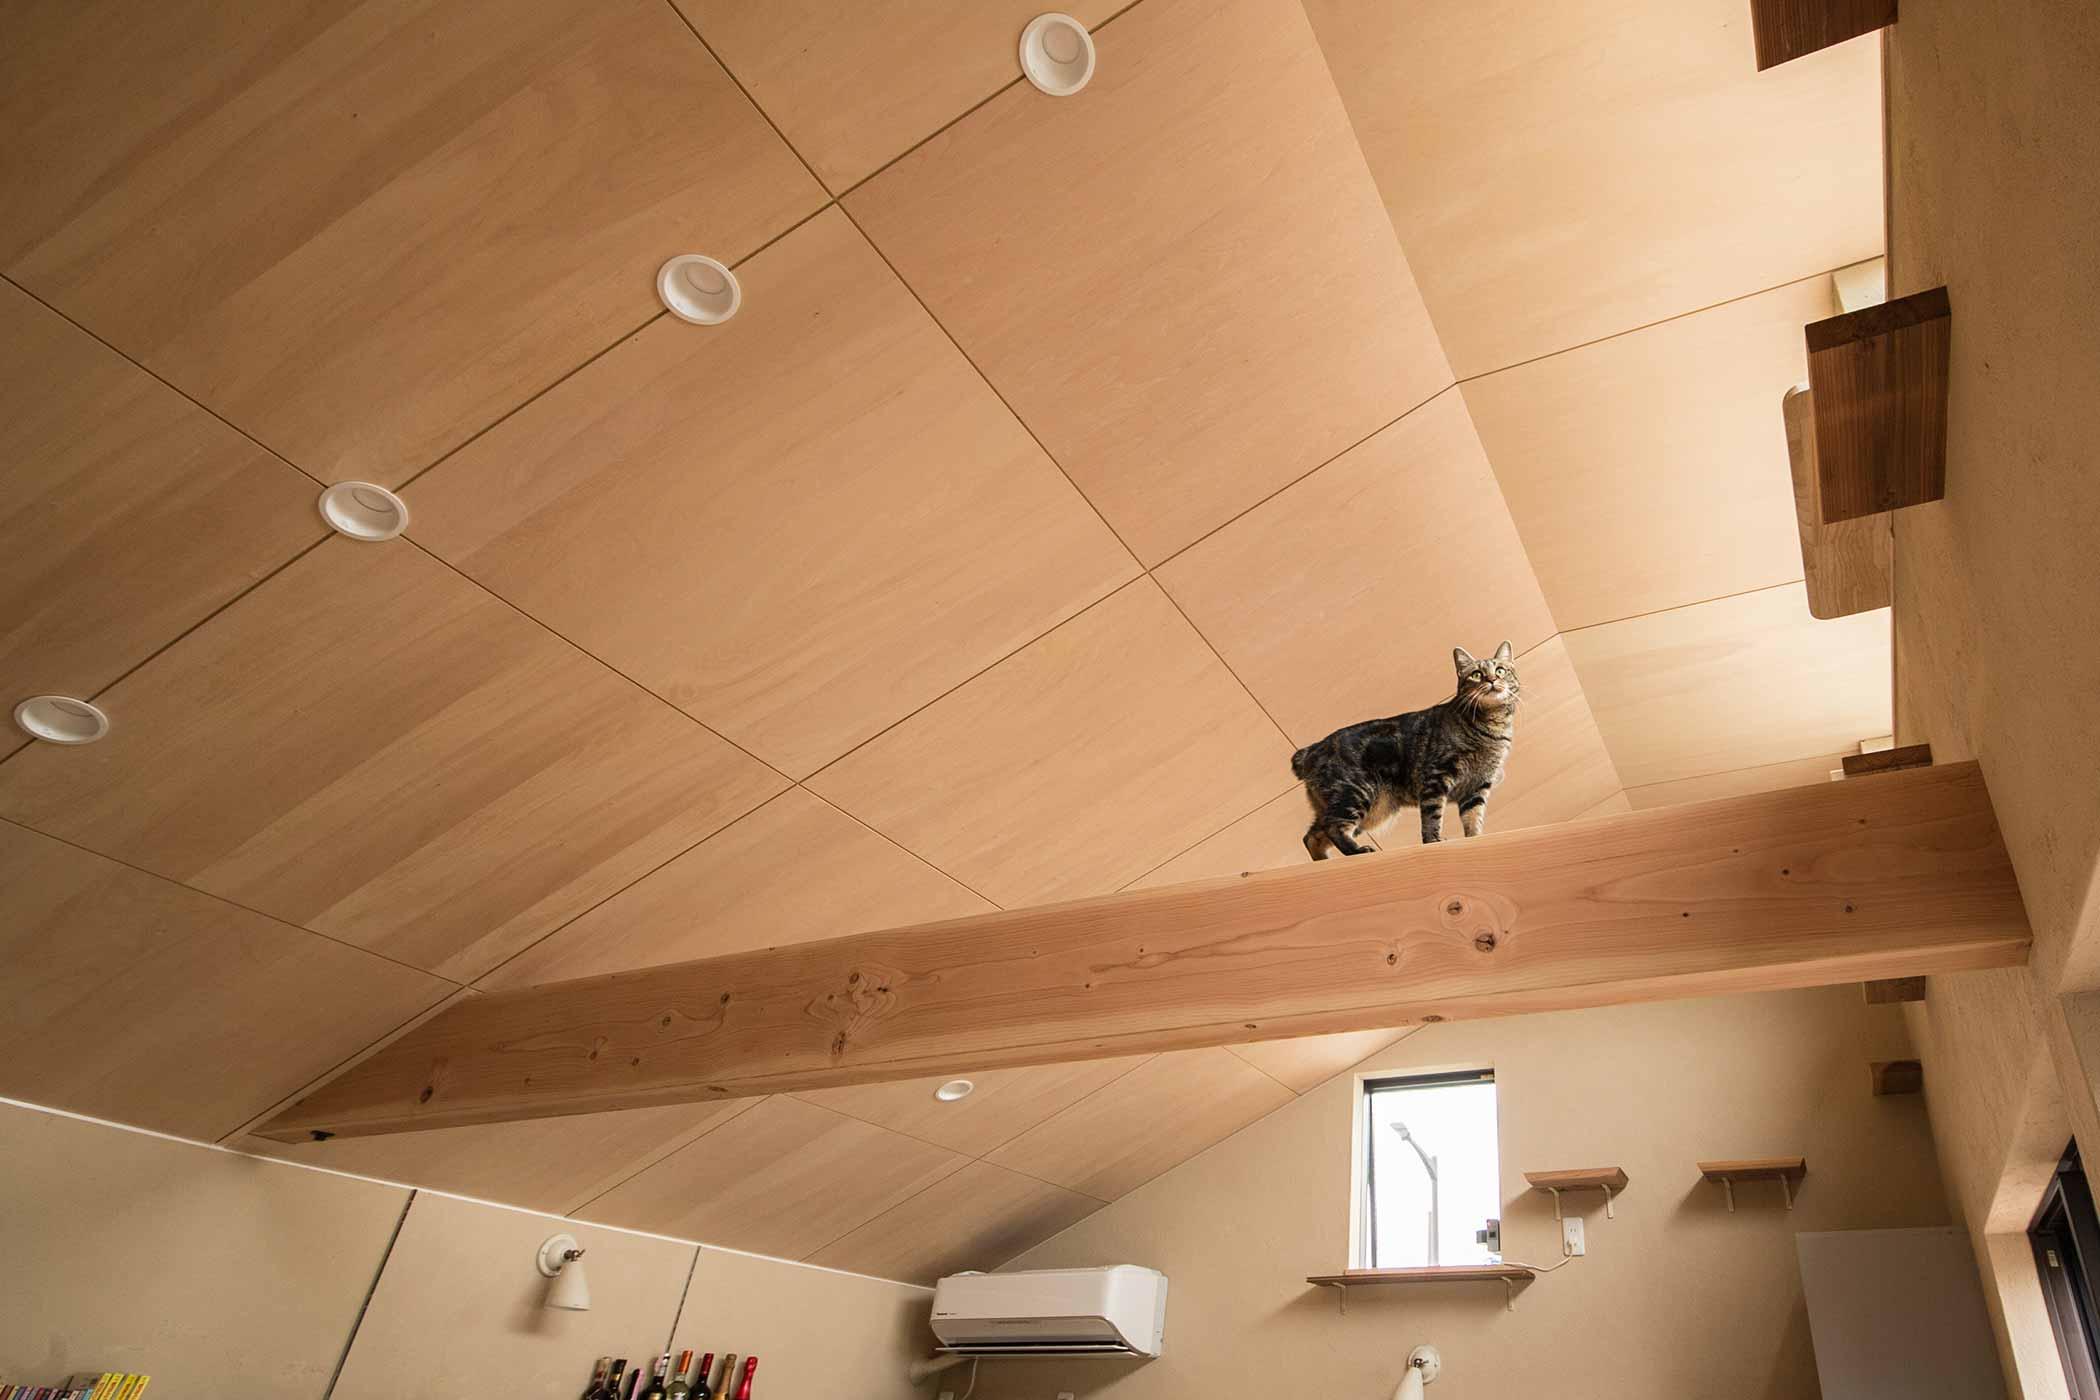 猫たちとの安心な暮らしを「まもるん。」